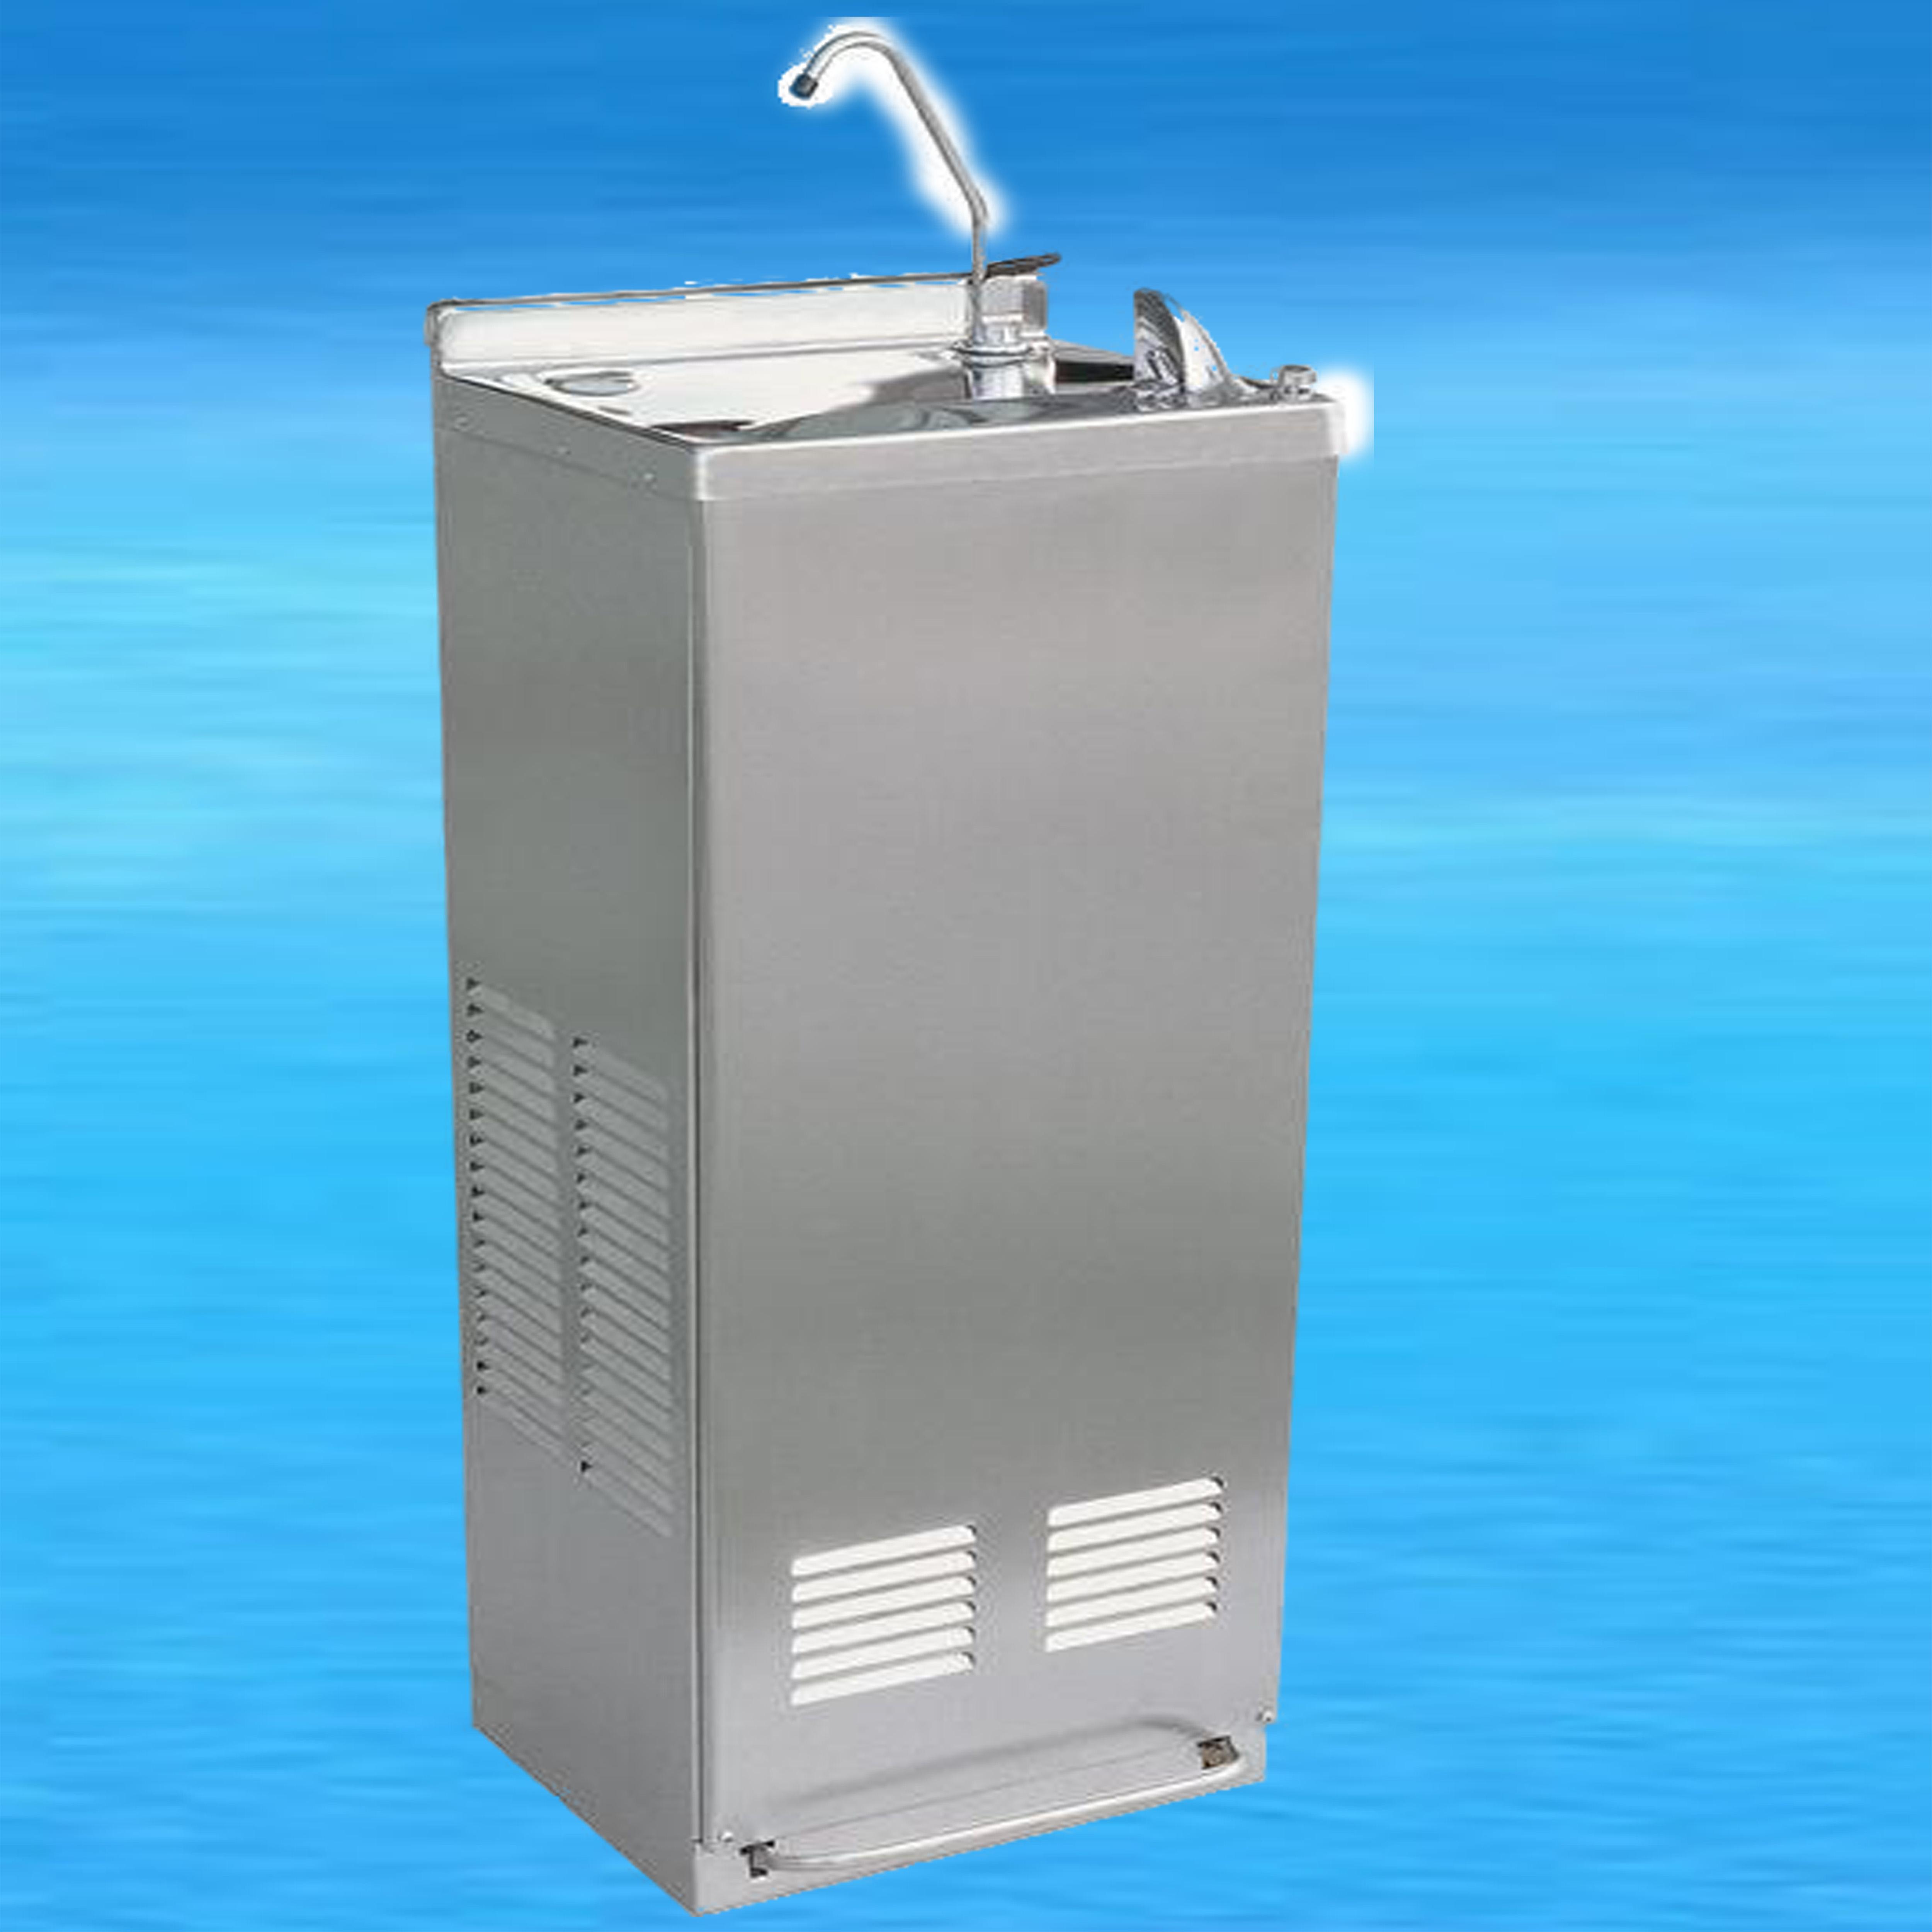 เครื่องทำน้ำเย็นแบบ มือกดเท้าเหยียบ รุ่น KW-C-HF